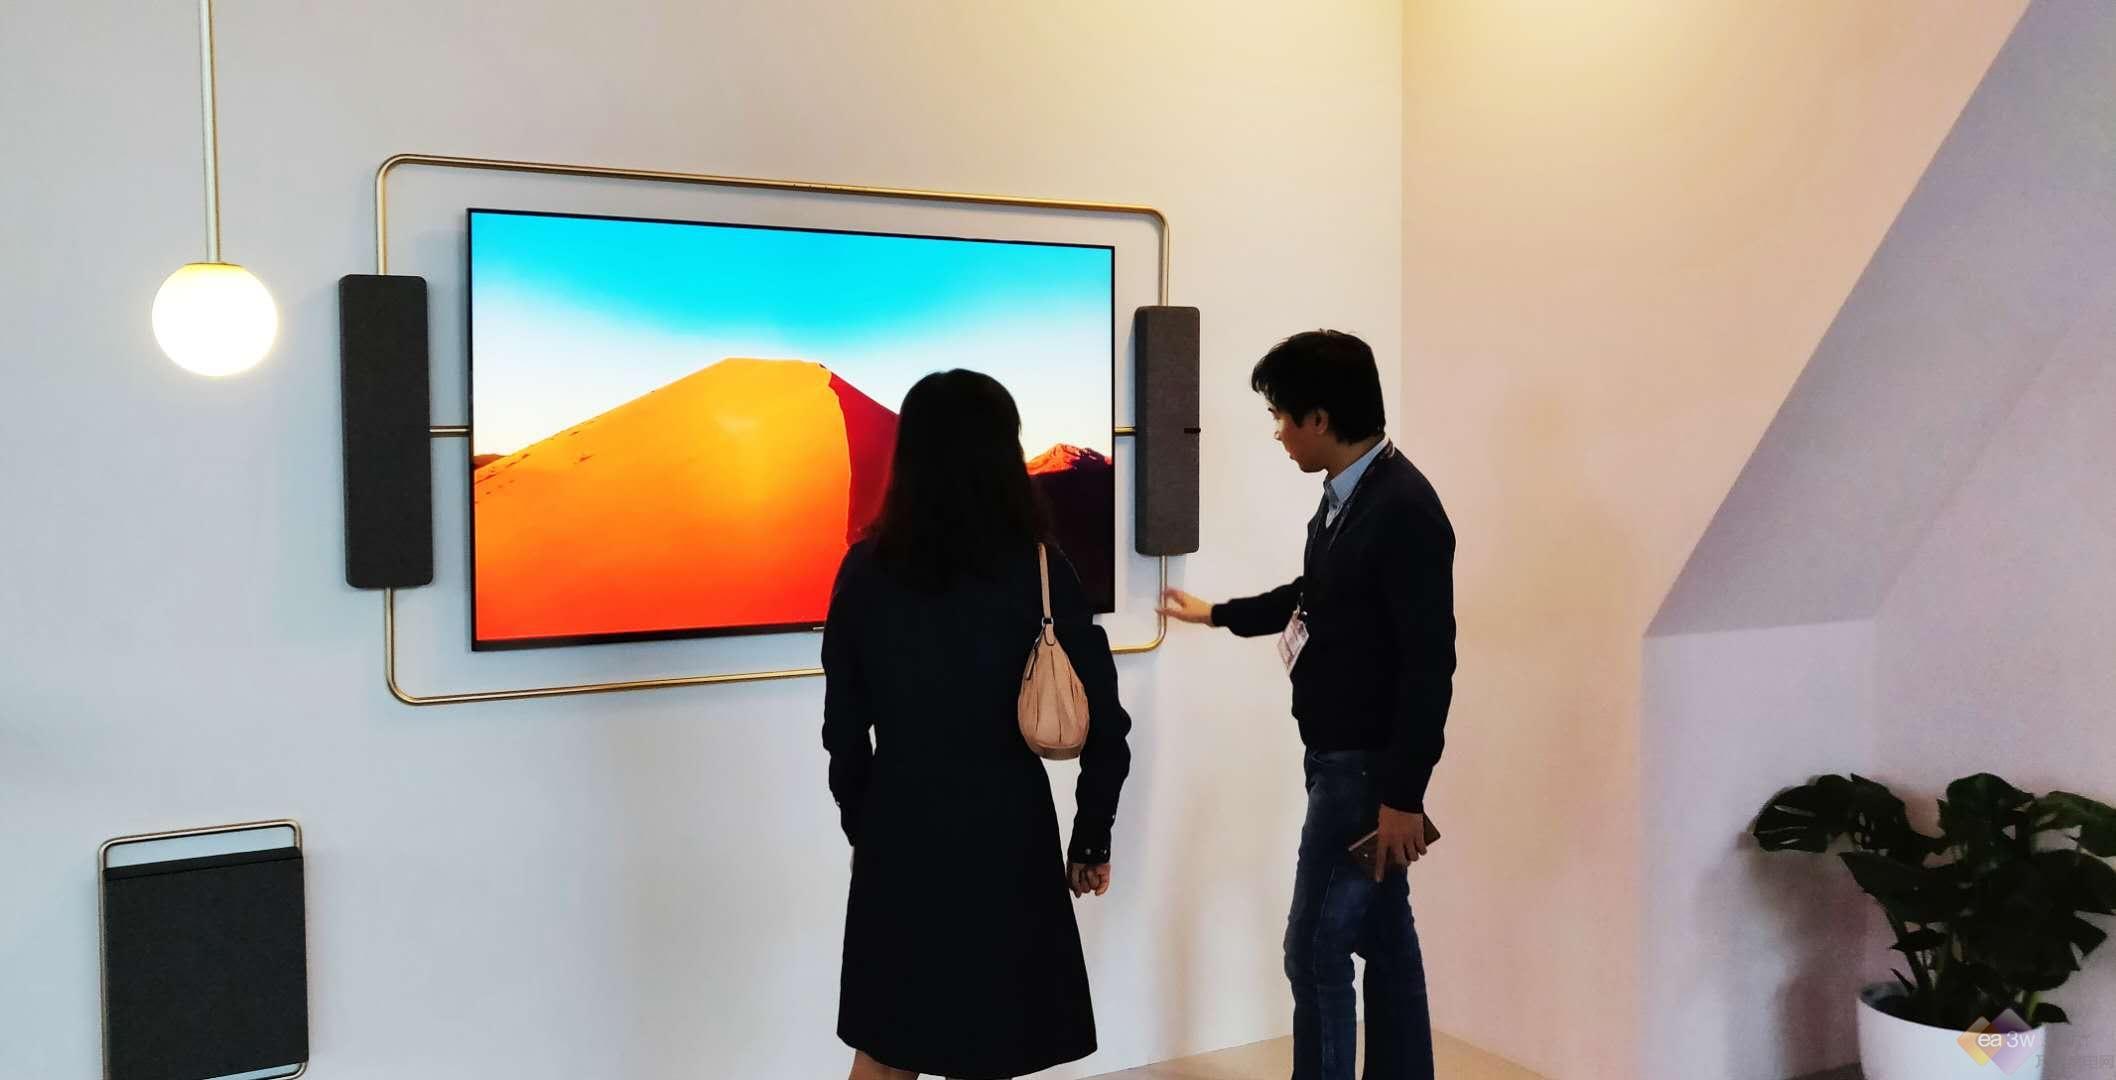 火力全开!国产家电品牌惊艳IFA 2018新品群像